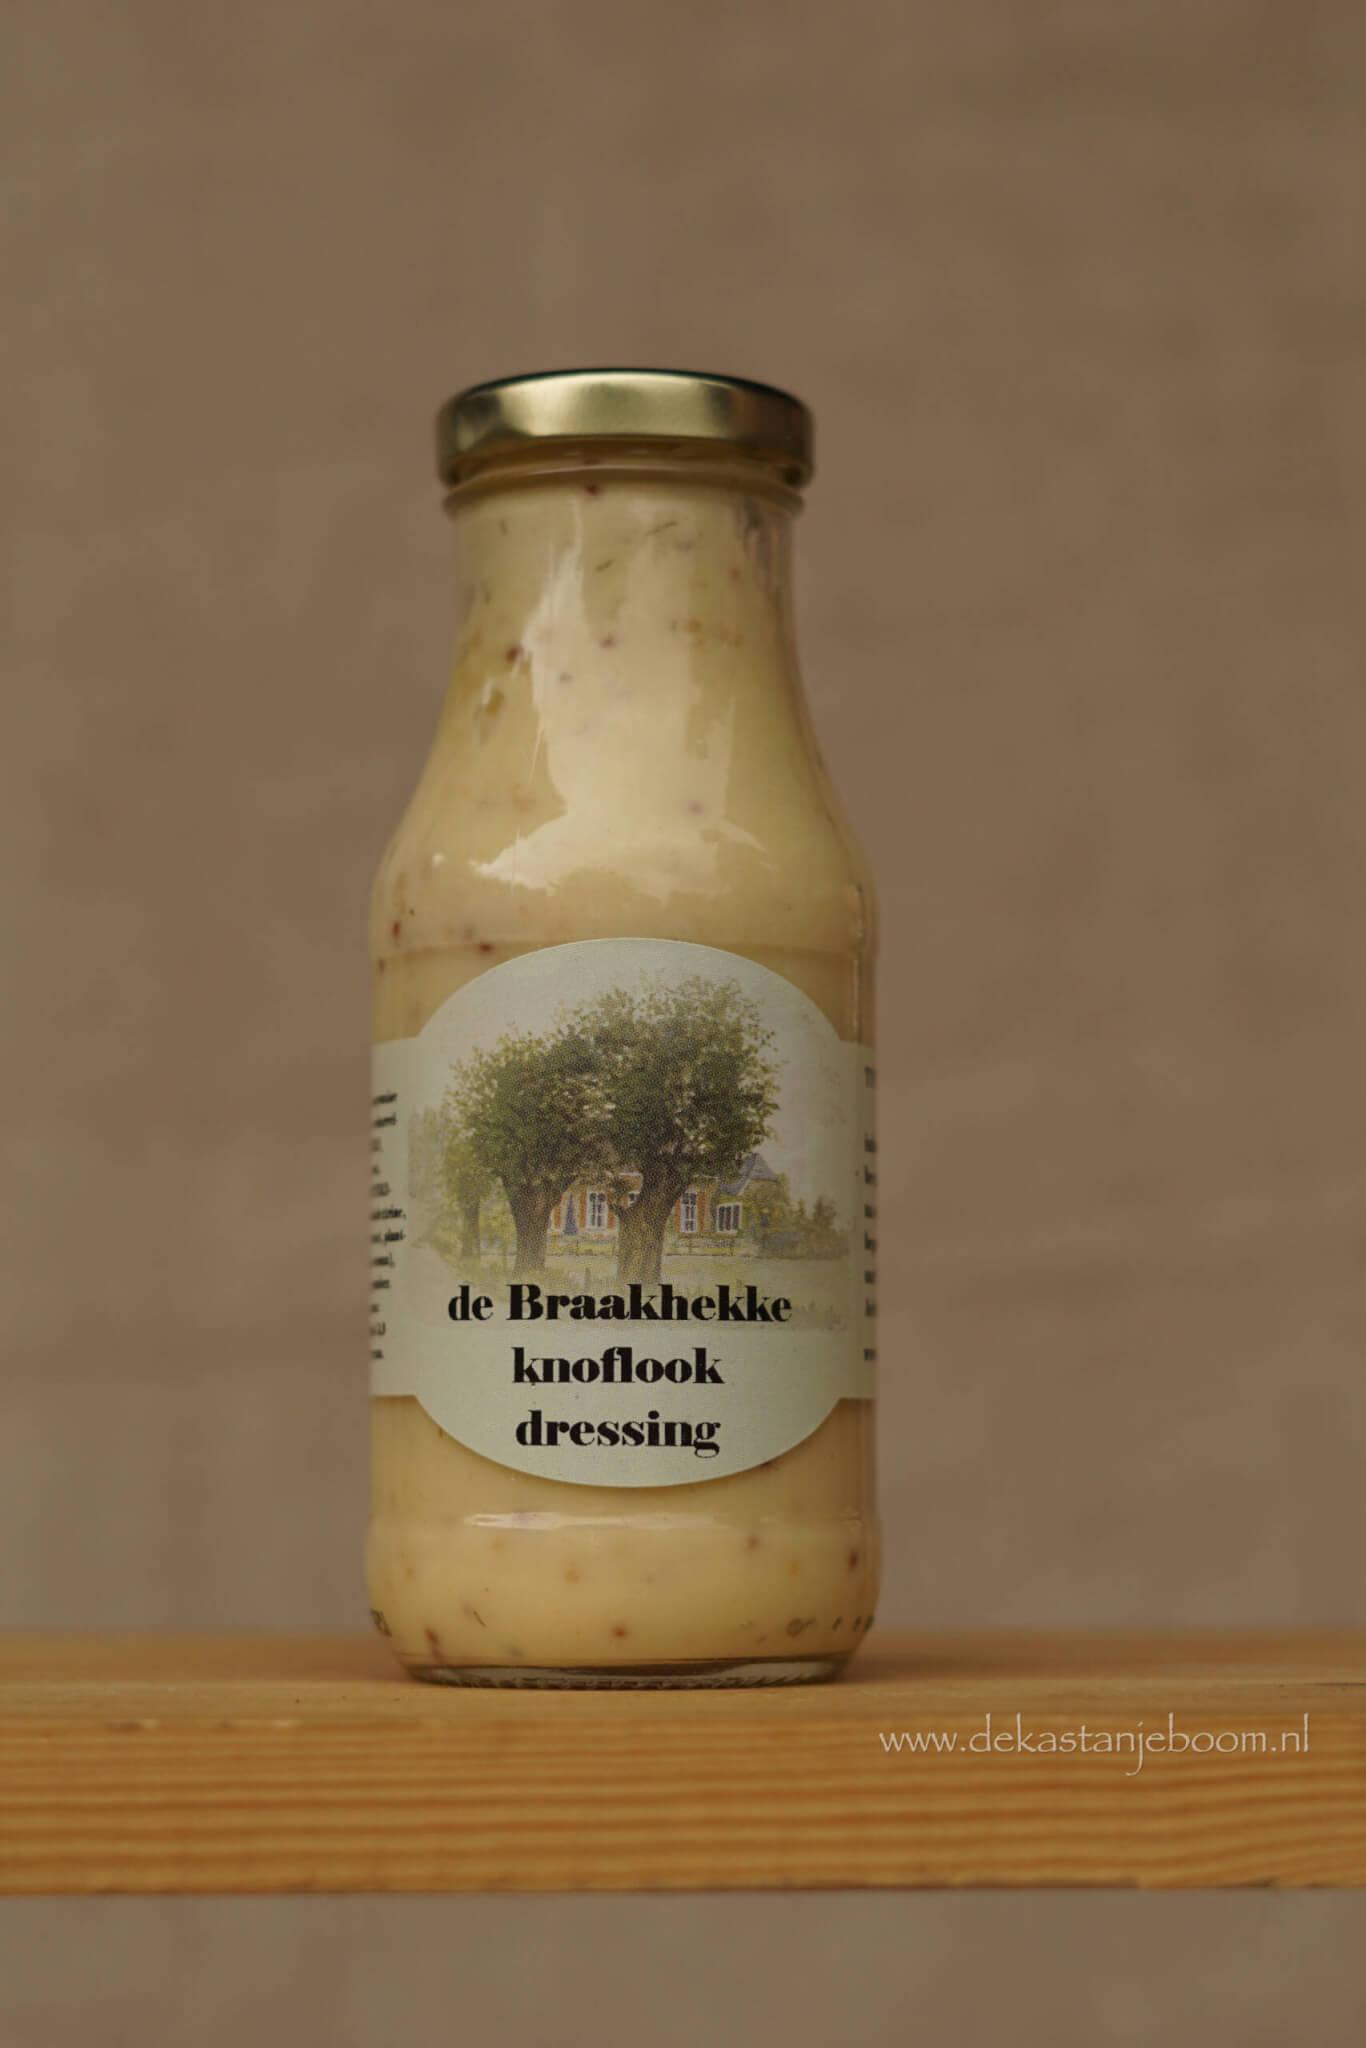 De Braakhekke knoflook dressing